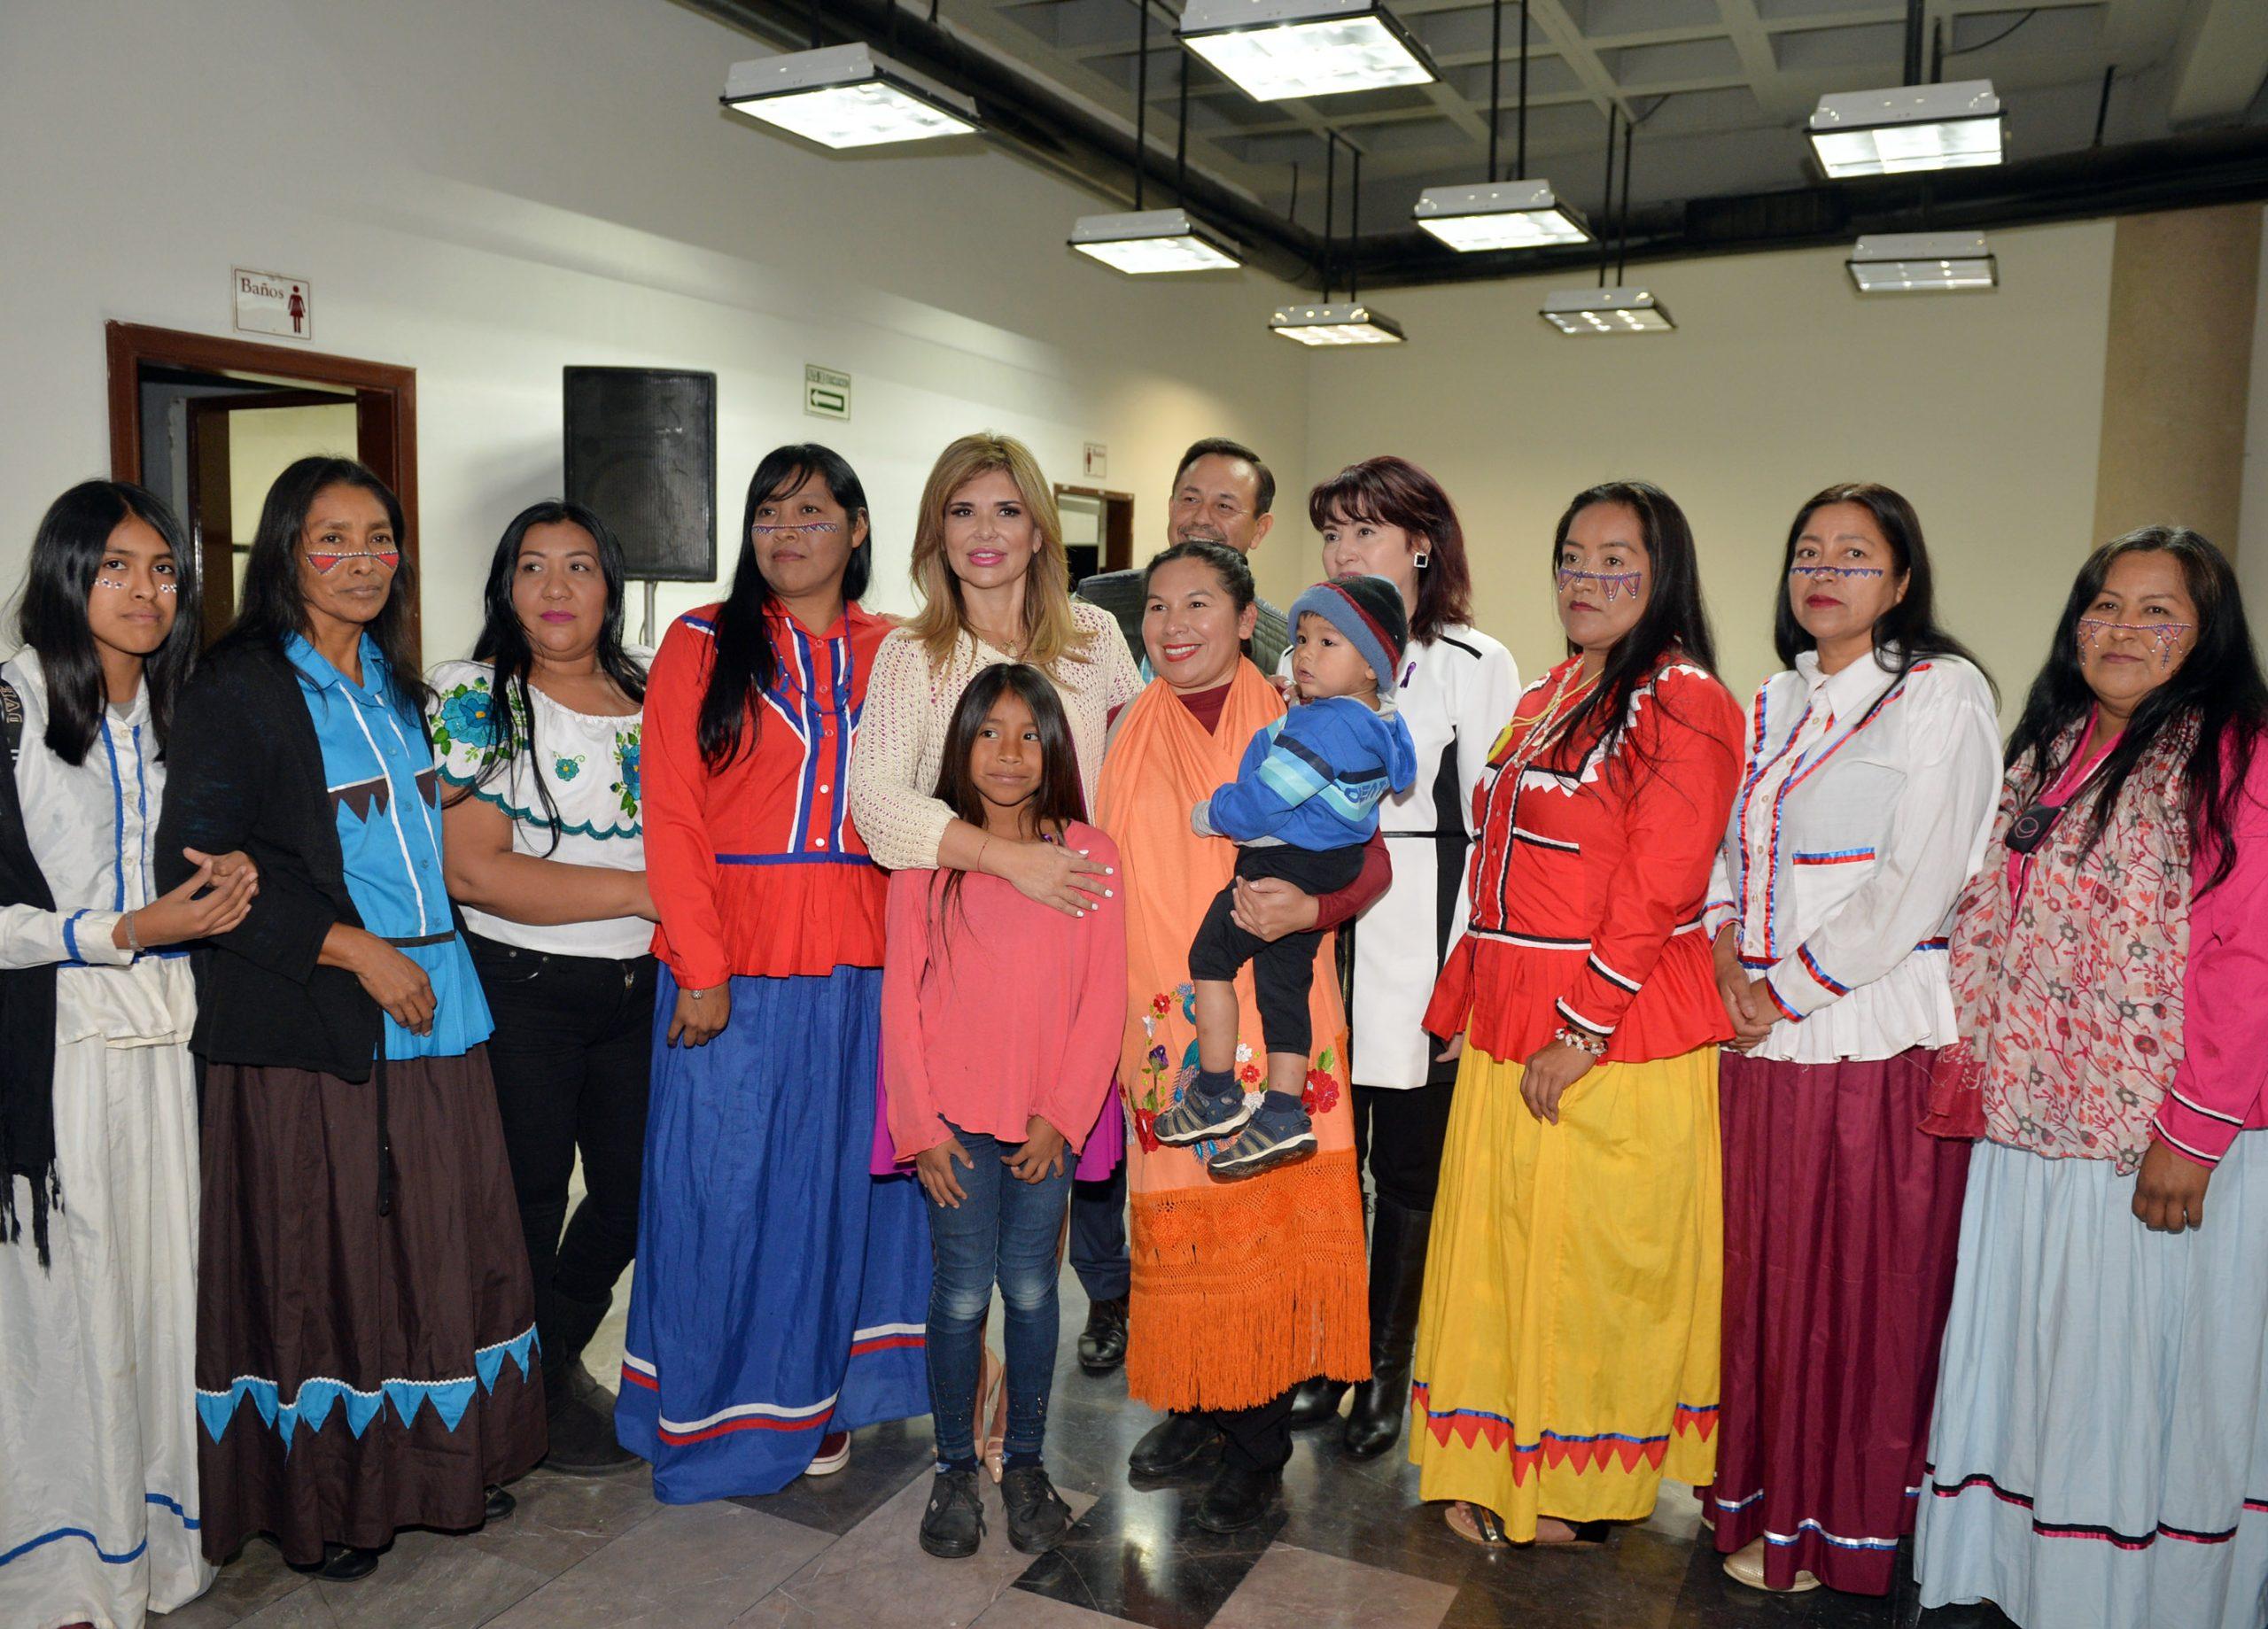 Las mujeres de Sonora no quieren palabras, sino acciones concretas: Claudia Pavlovich